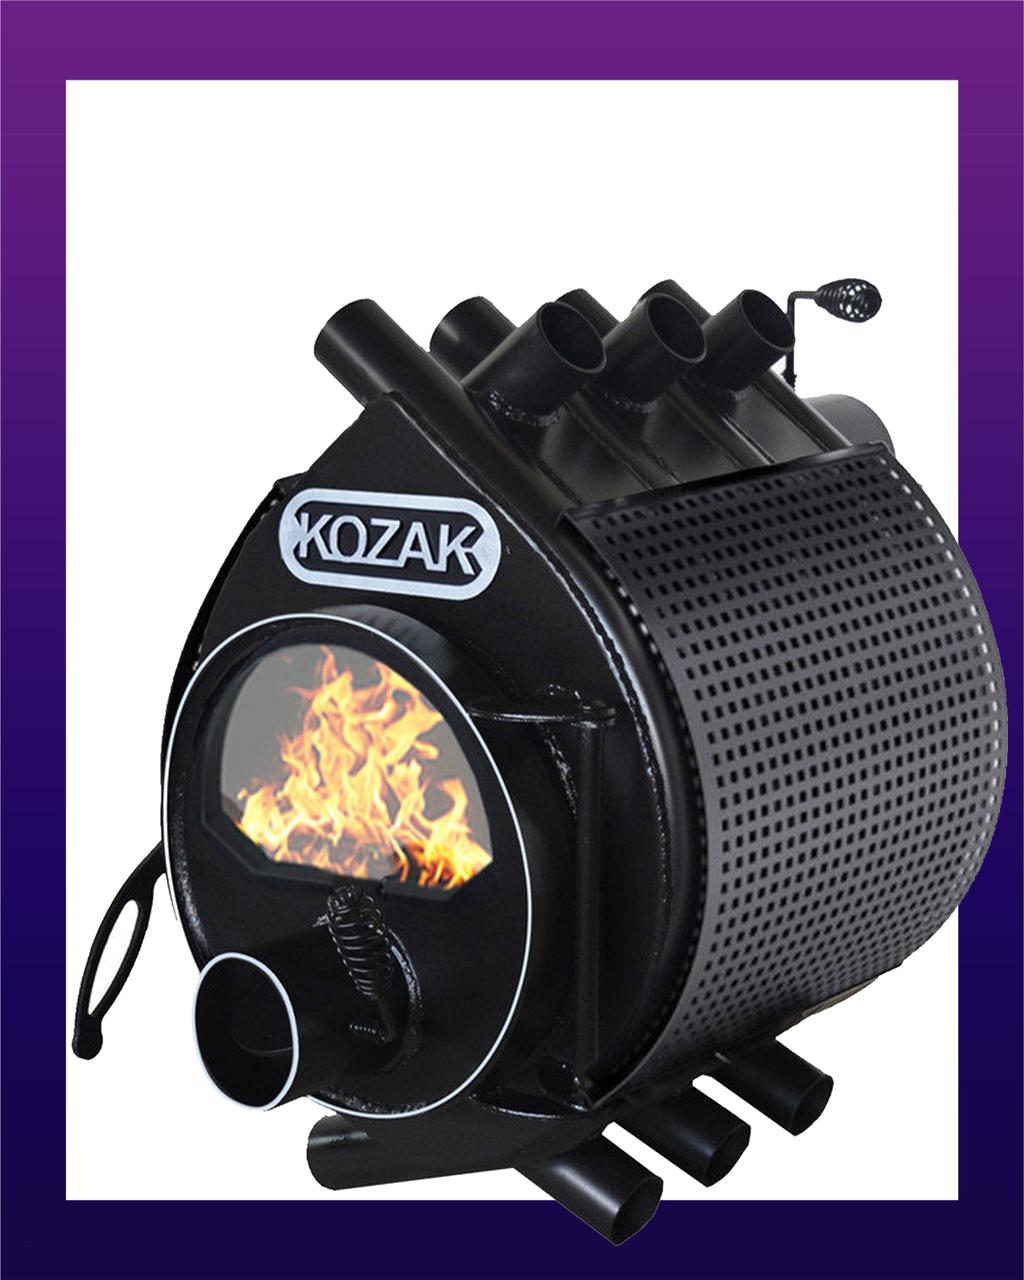 Піч-булерьян KOZAK 01 - 200 м3 + скло + кожух